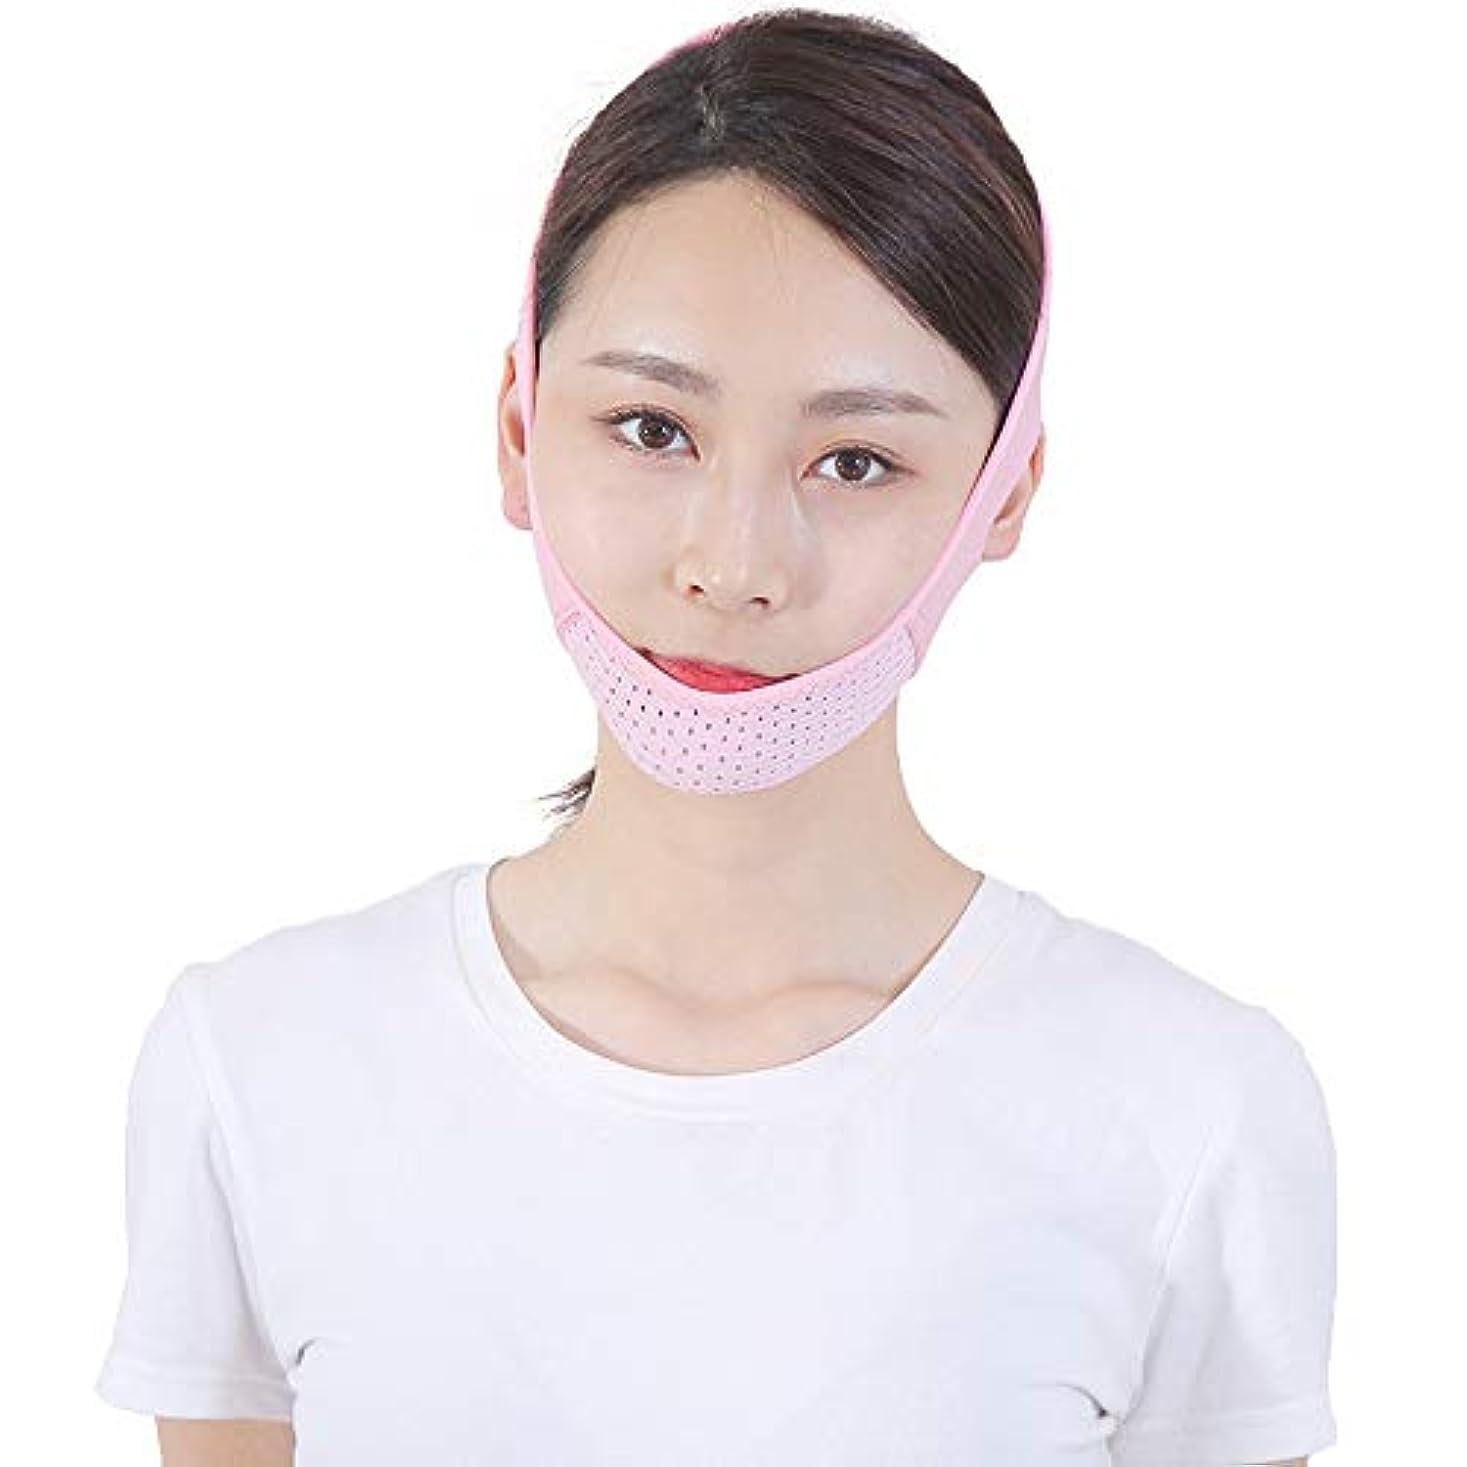 非常に怒っています独立出身地GYZ フェイシャルリフティング痩身ベルトフェイススリムゲットダブルチンアンチエイジングリンクルフェイスバンデージマスクシェイピングマスク顔を引き締めるダブルチンワークアウト Thin Face Belt